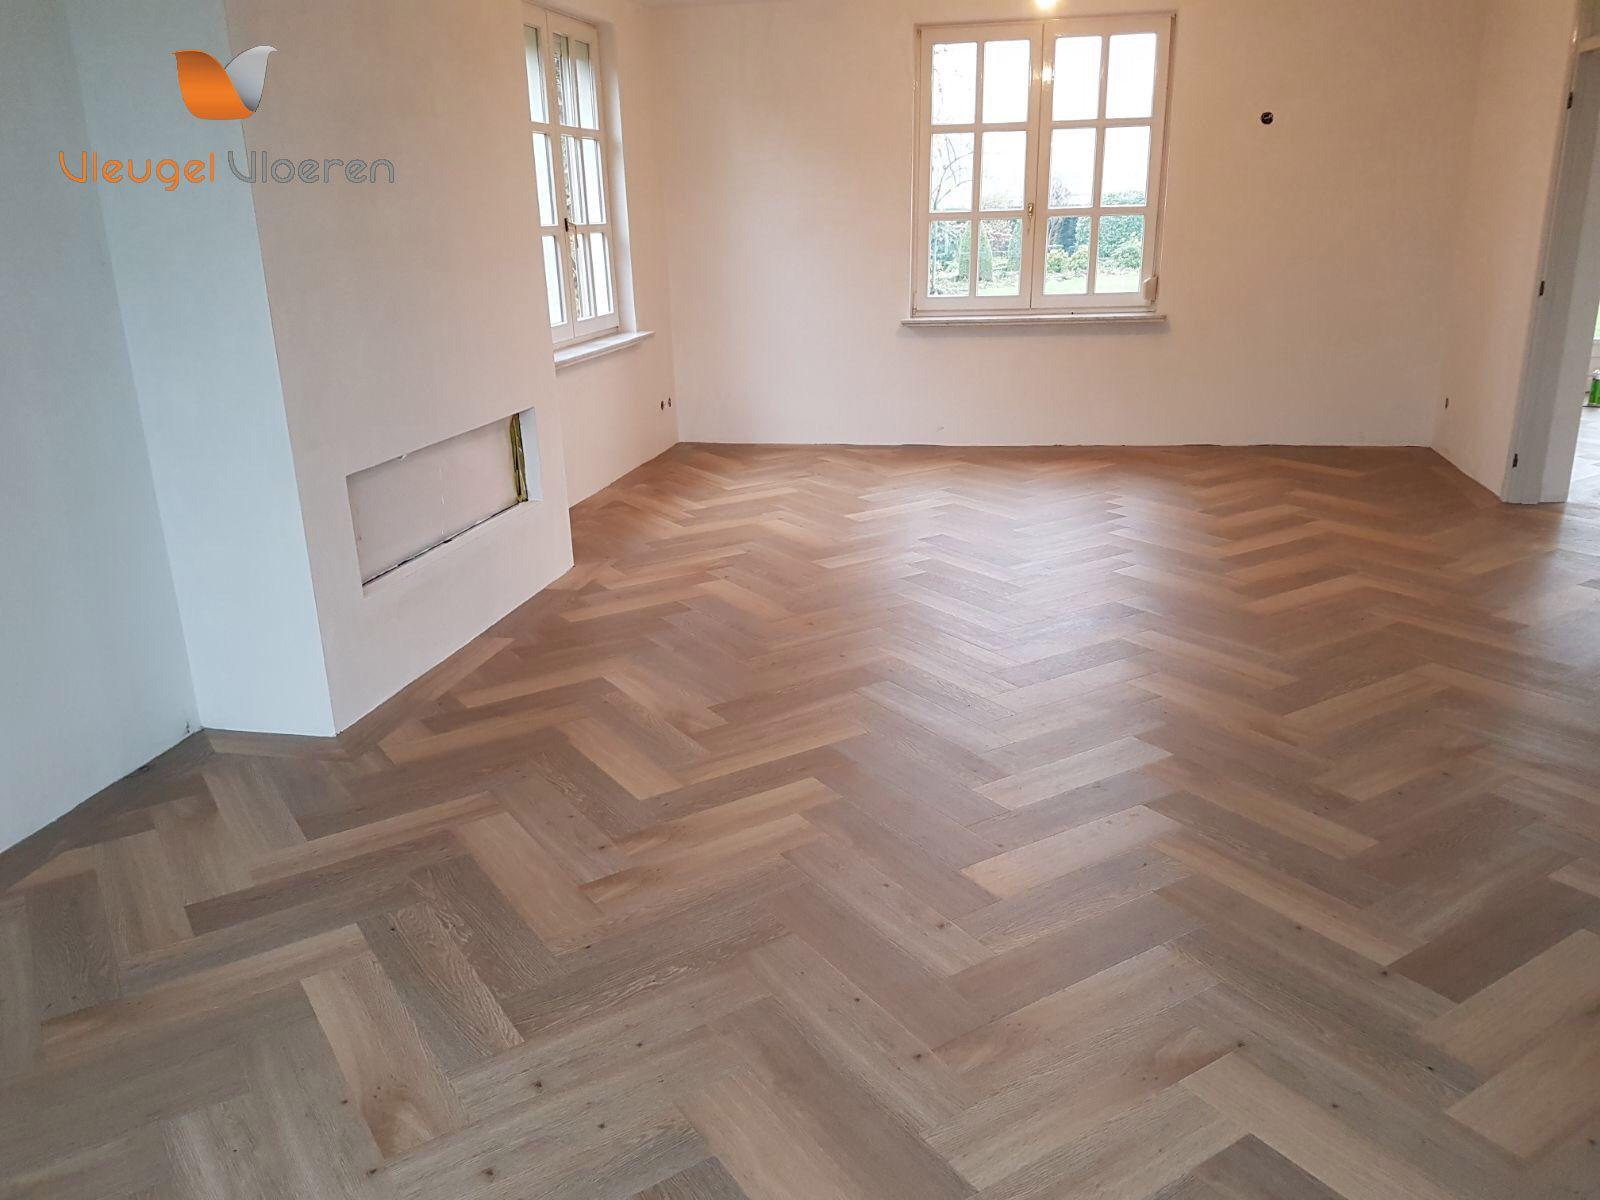 Pvc Vloer Visgraatmotief : In deze mooie woning in thorn hebben we een pvc vloer in